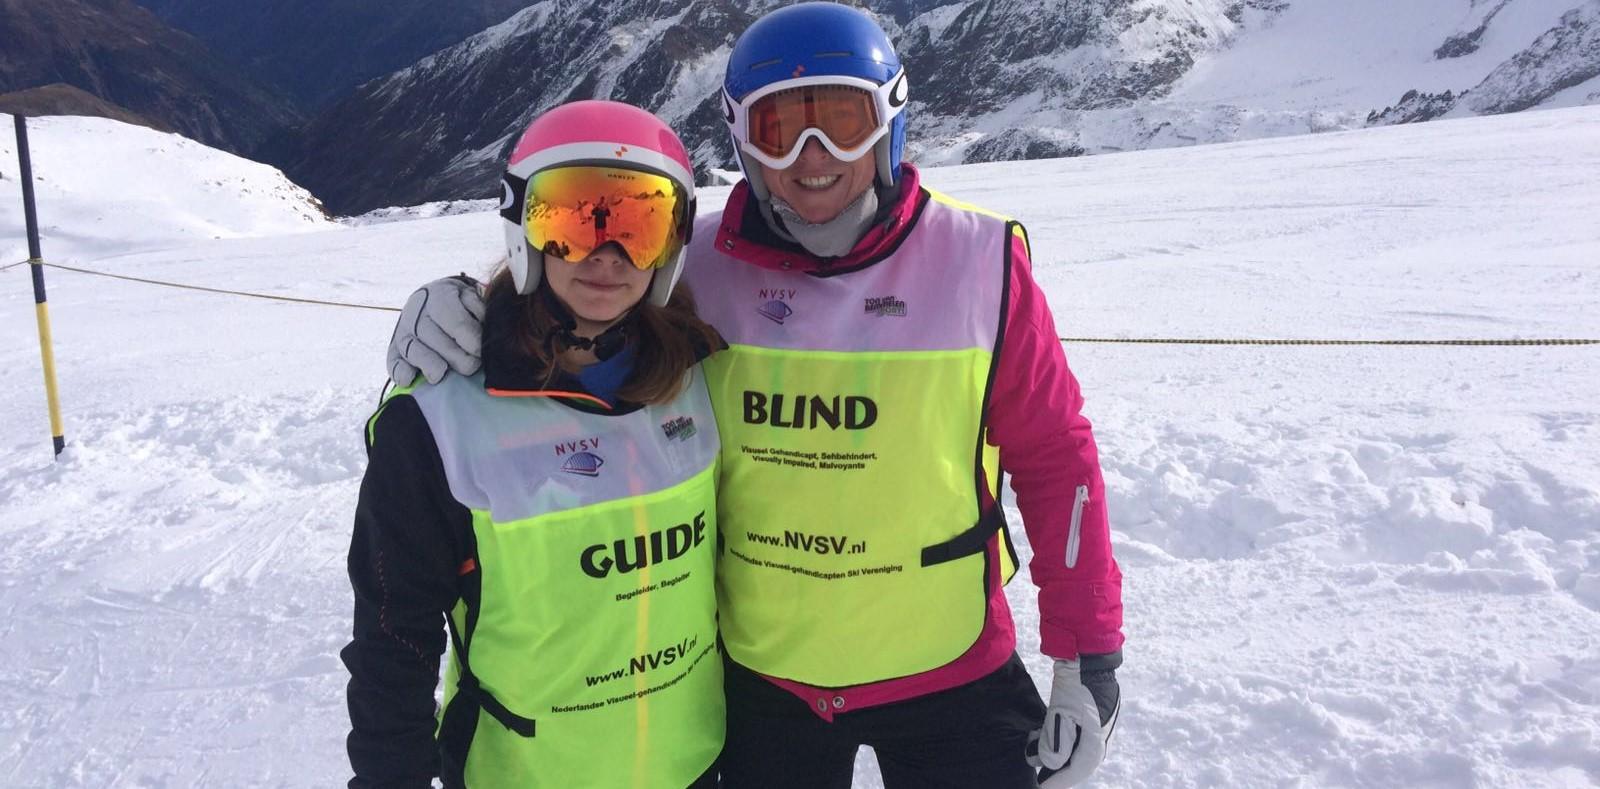 communicatie-systeem-skien-visueel-gehandicapten-nvsv-axiwi